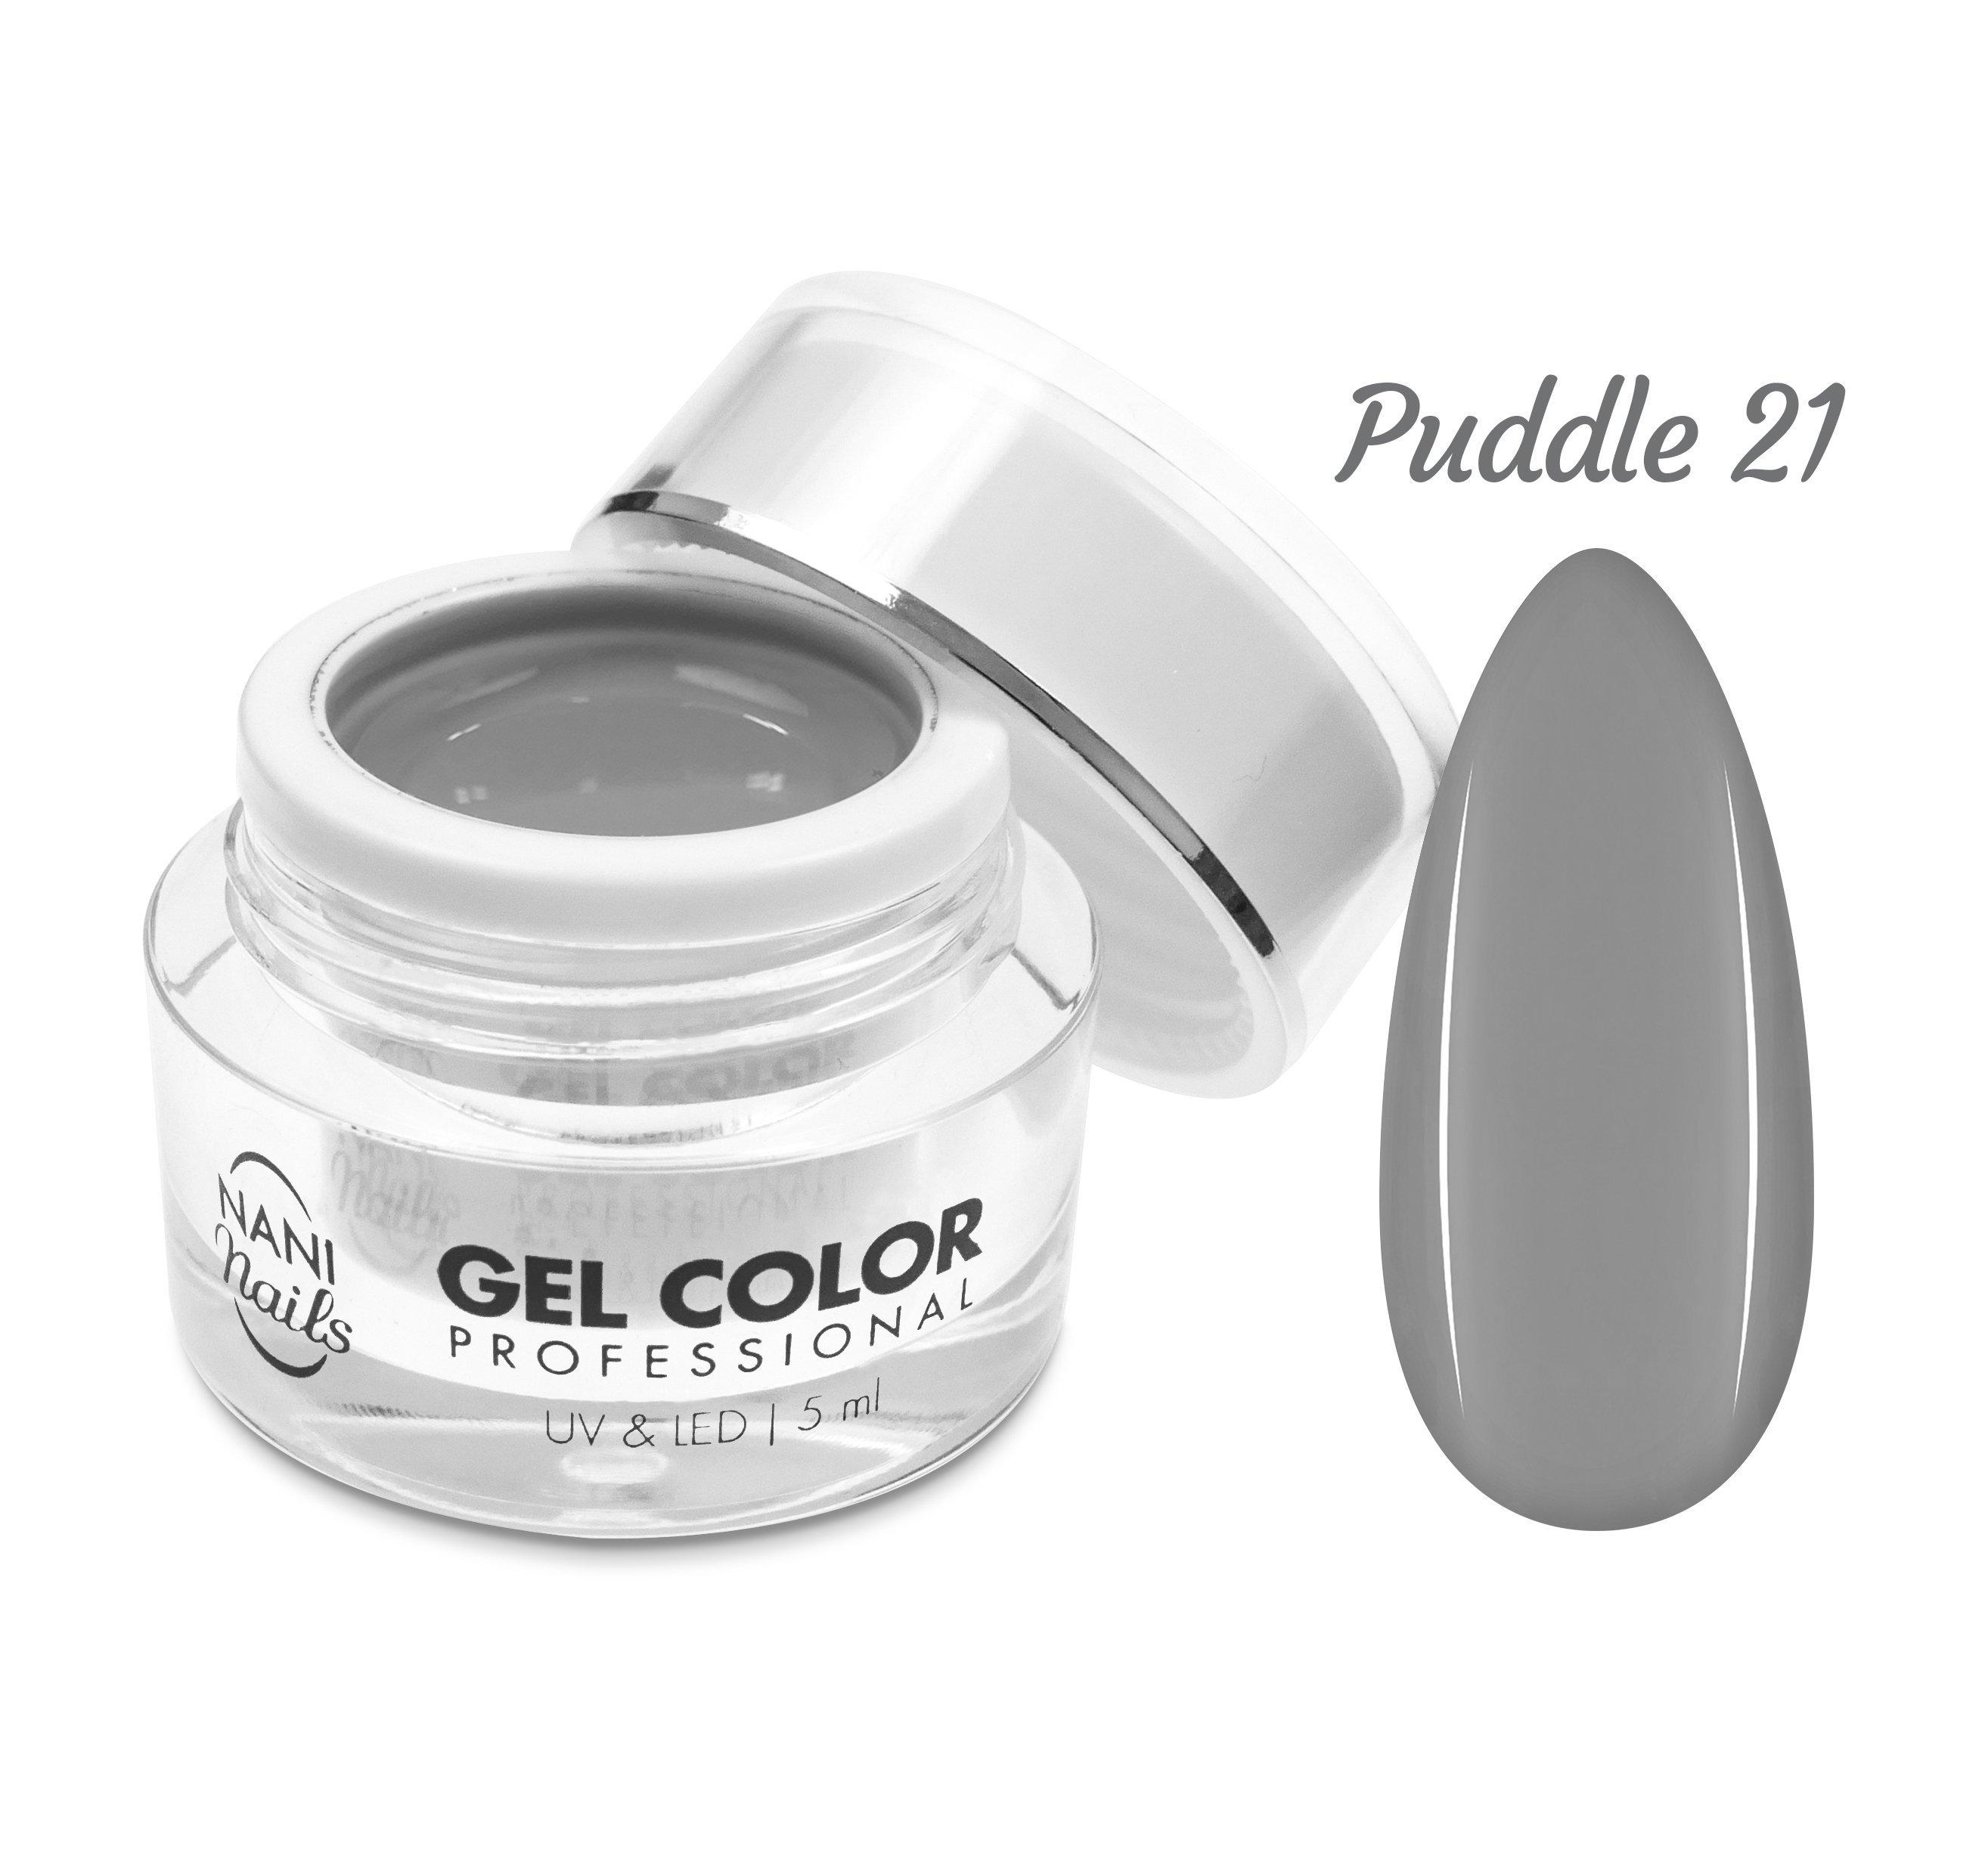 NANI UV/LED gél Professional 5 ml - Puddle